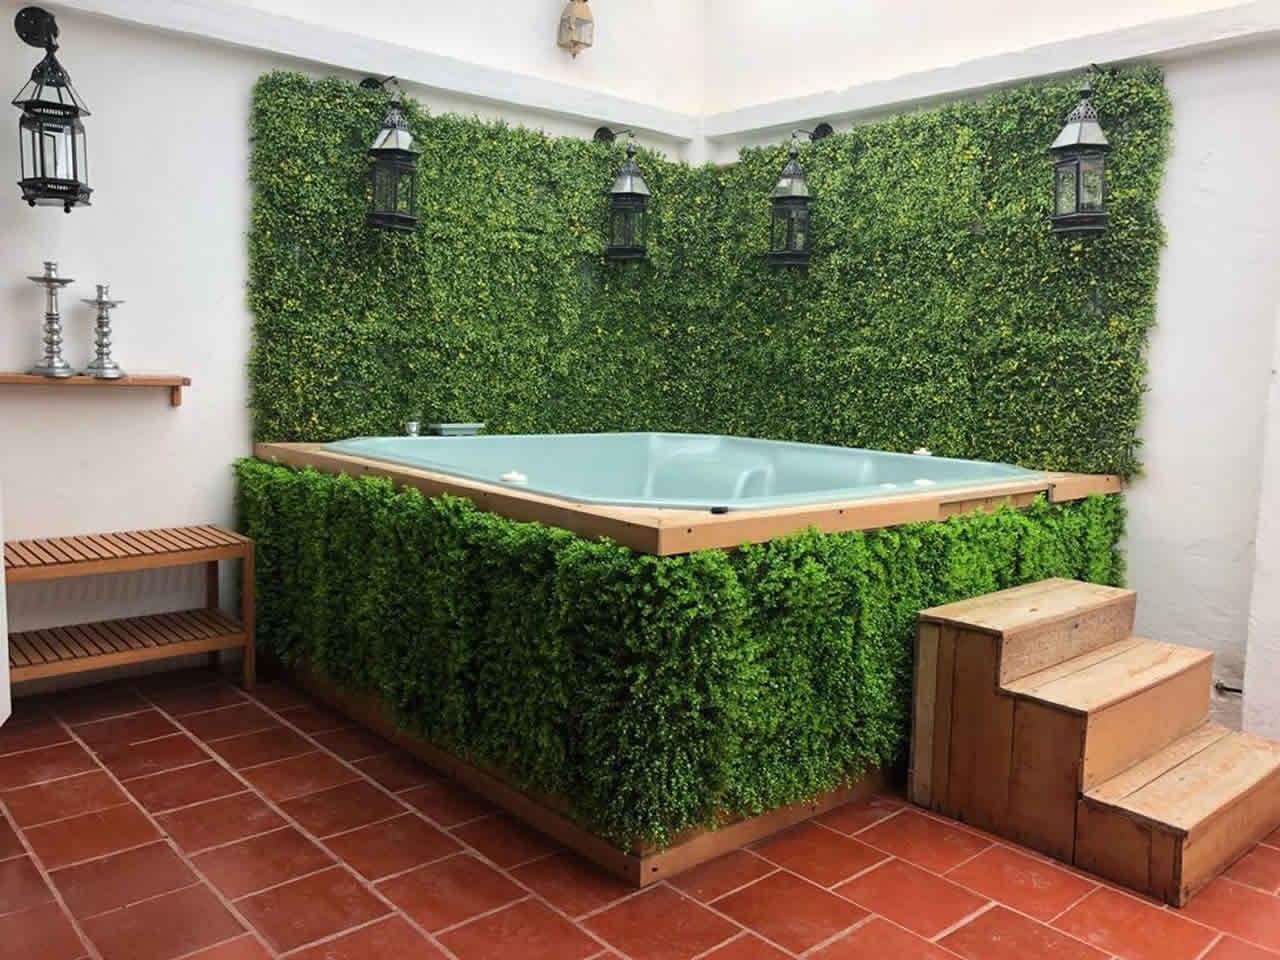 Jacuzzi casa valparaiso alquiler - villa de leyva